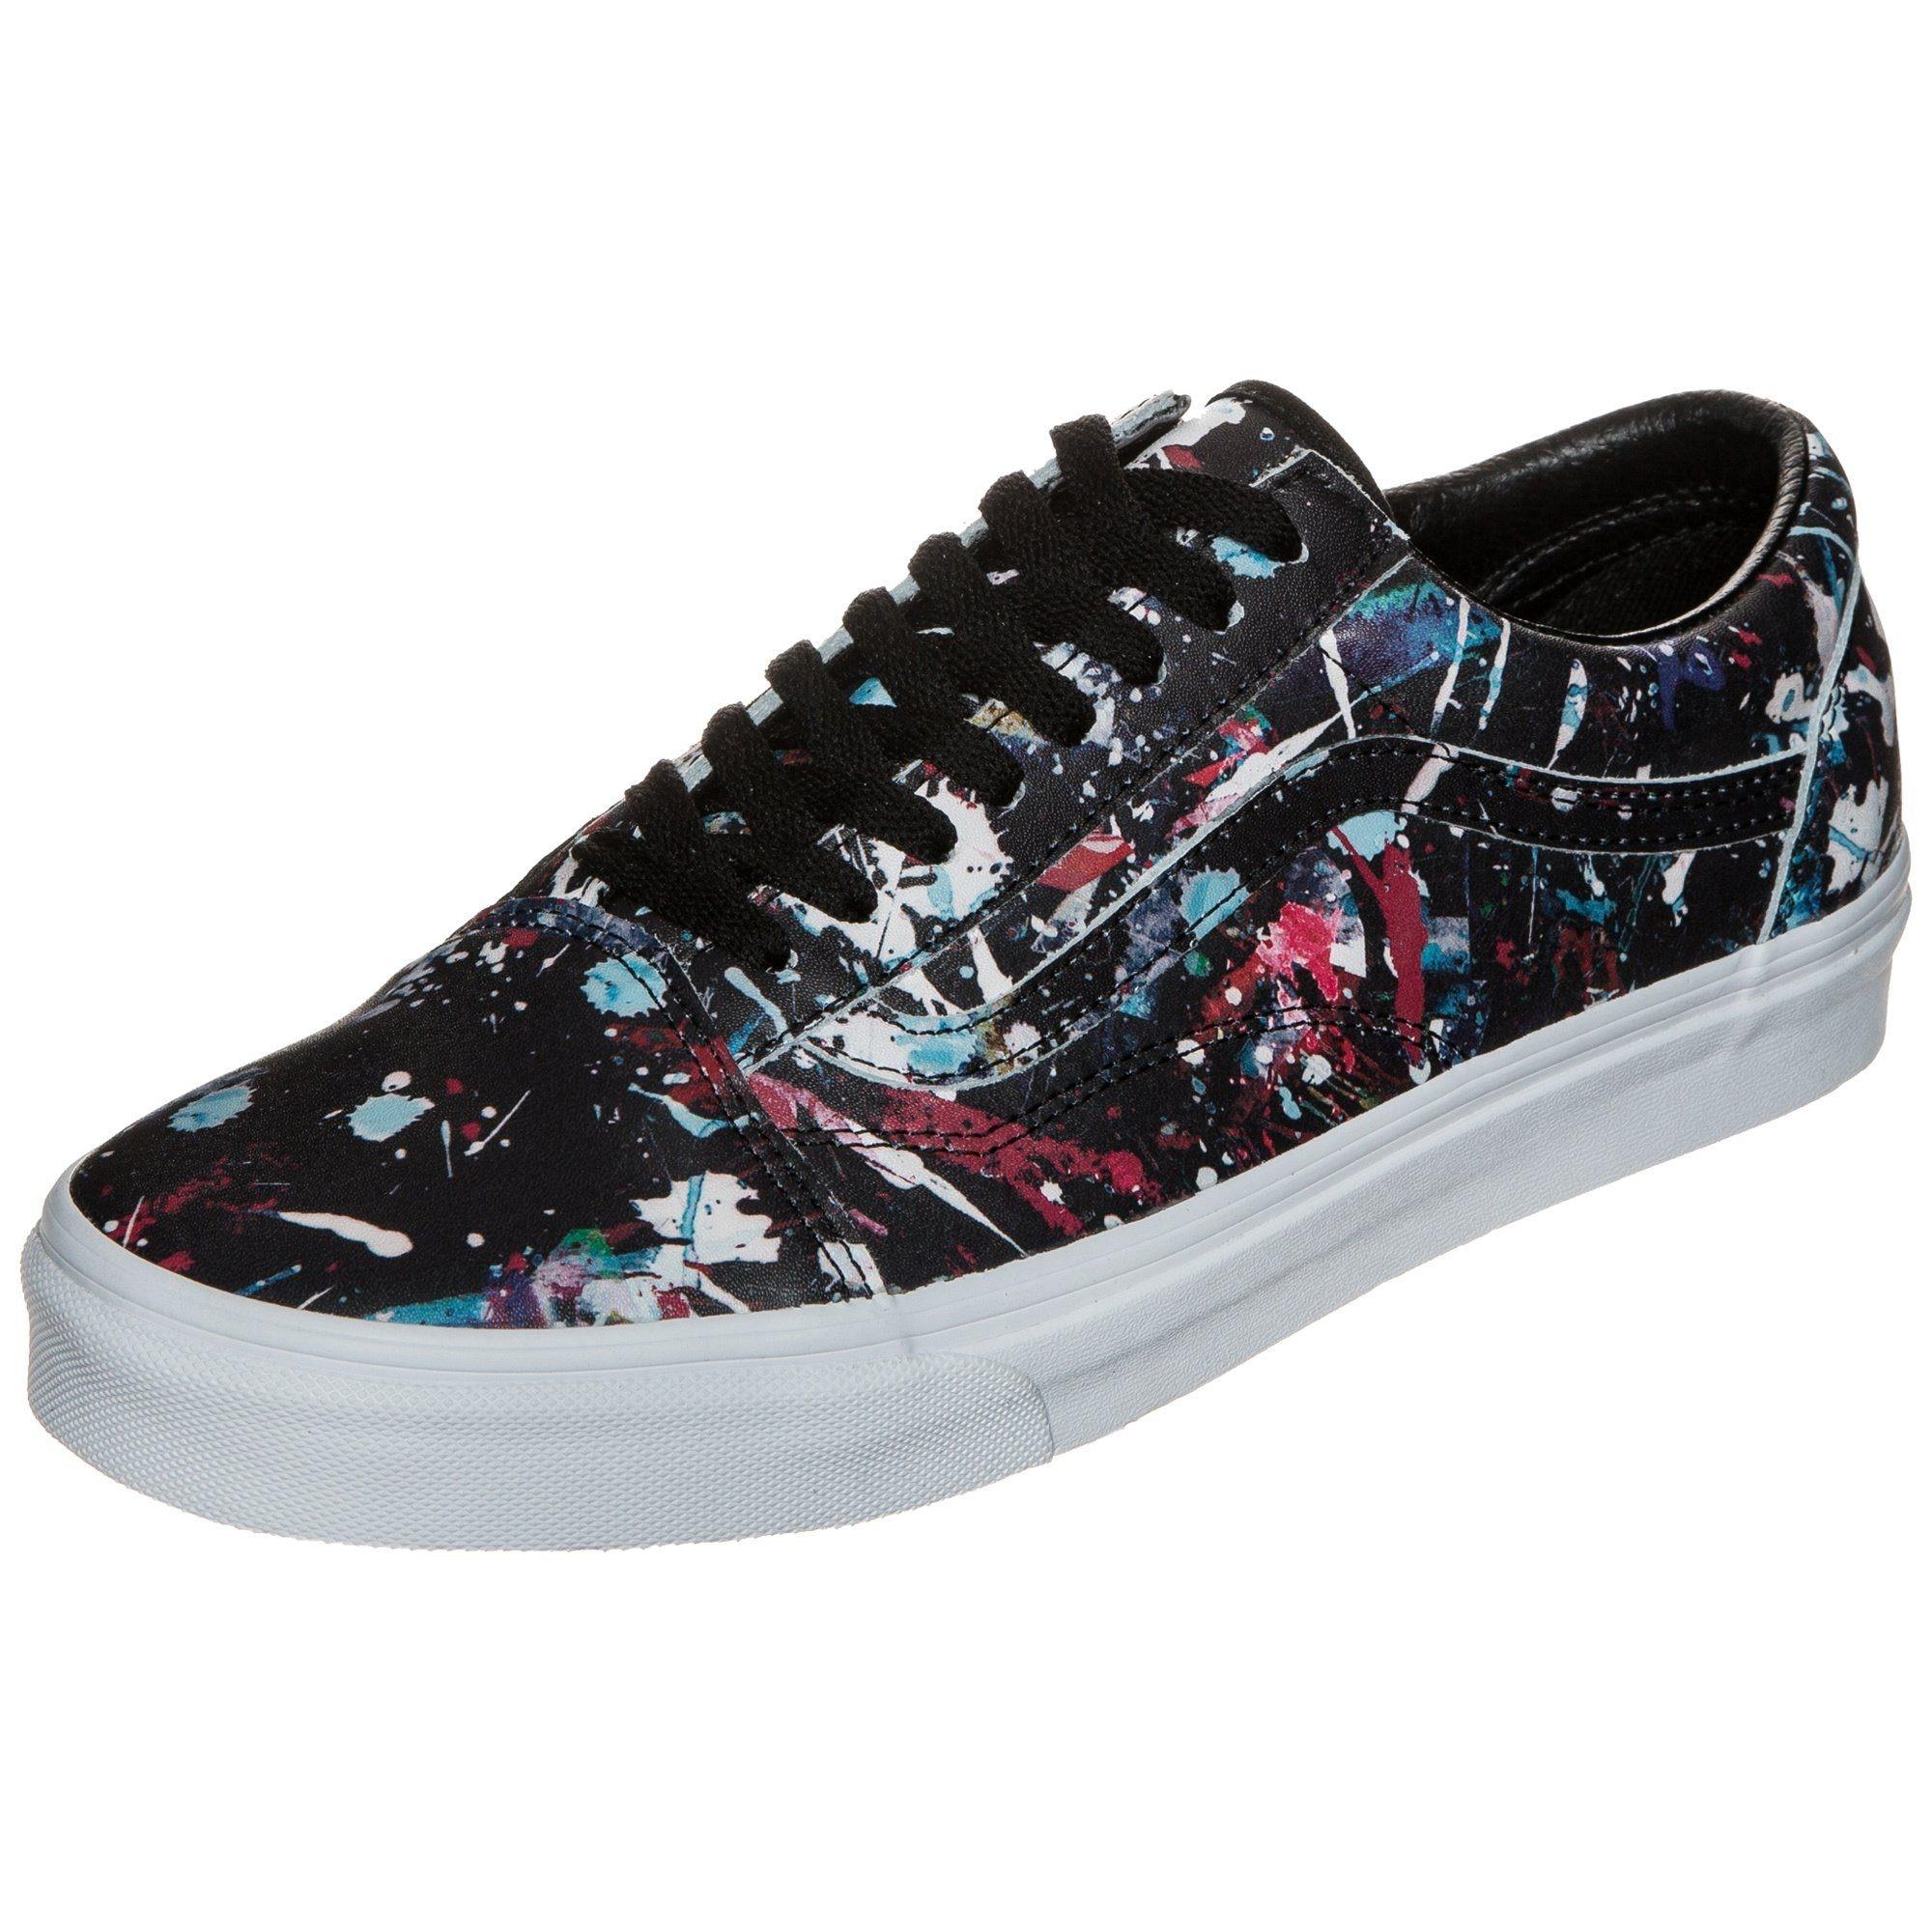 Vans Old Skool Paint Splatter Sneaker online kaufen | BAUR